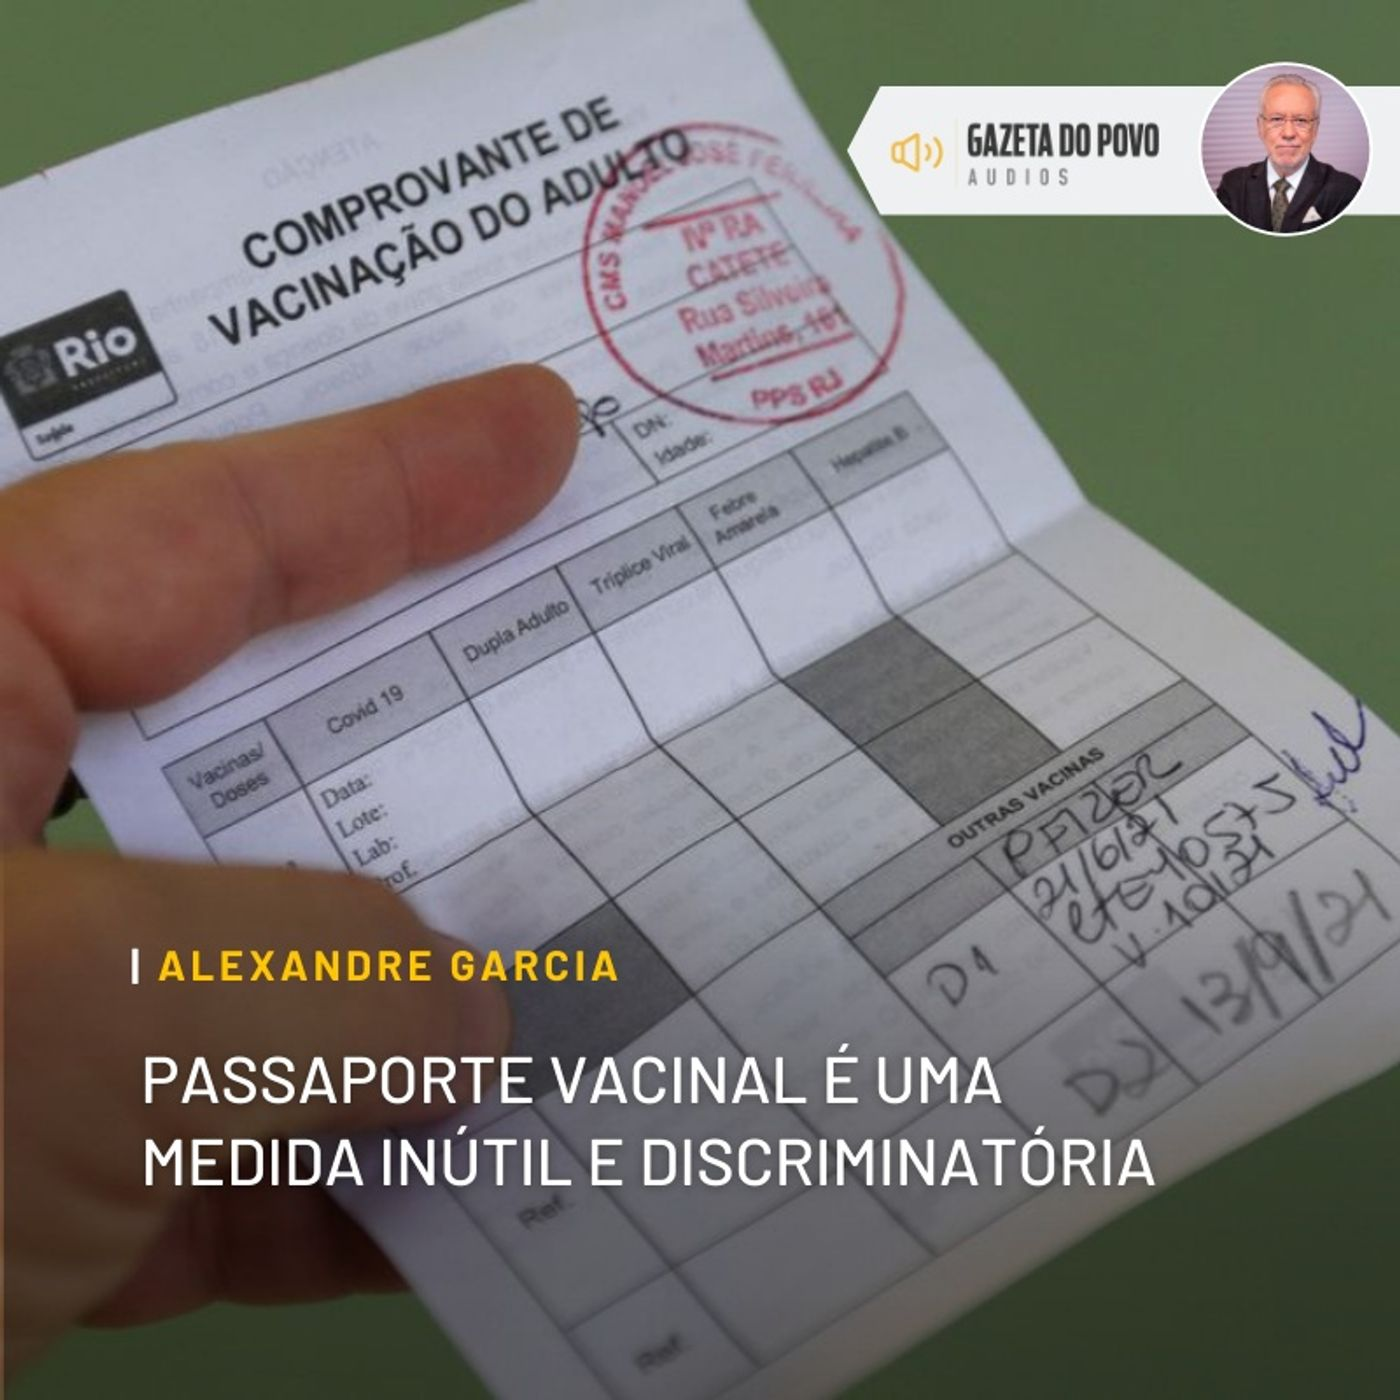 Passaporte vacinal é uma medida inútil e discriminatória